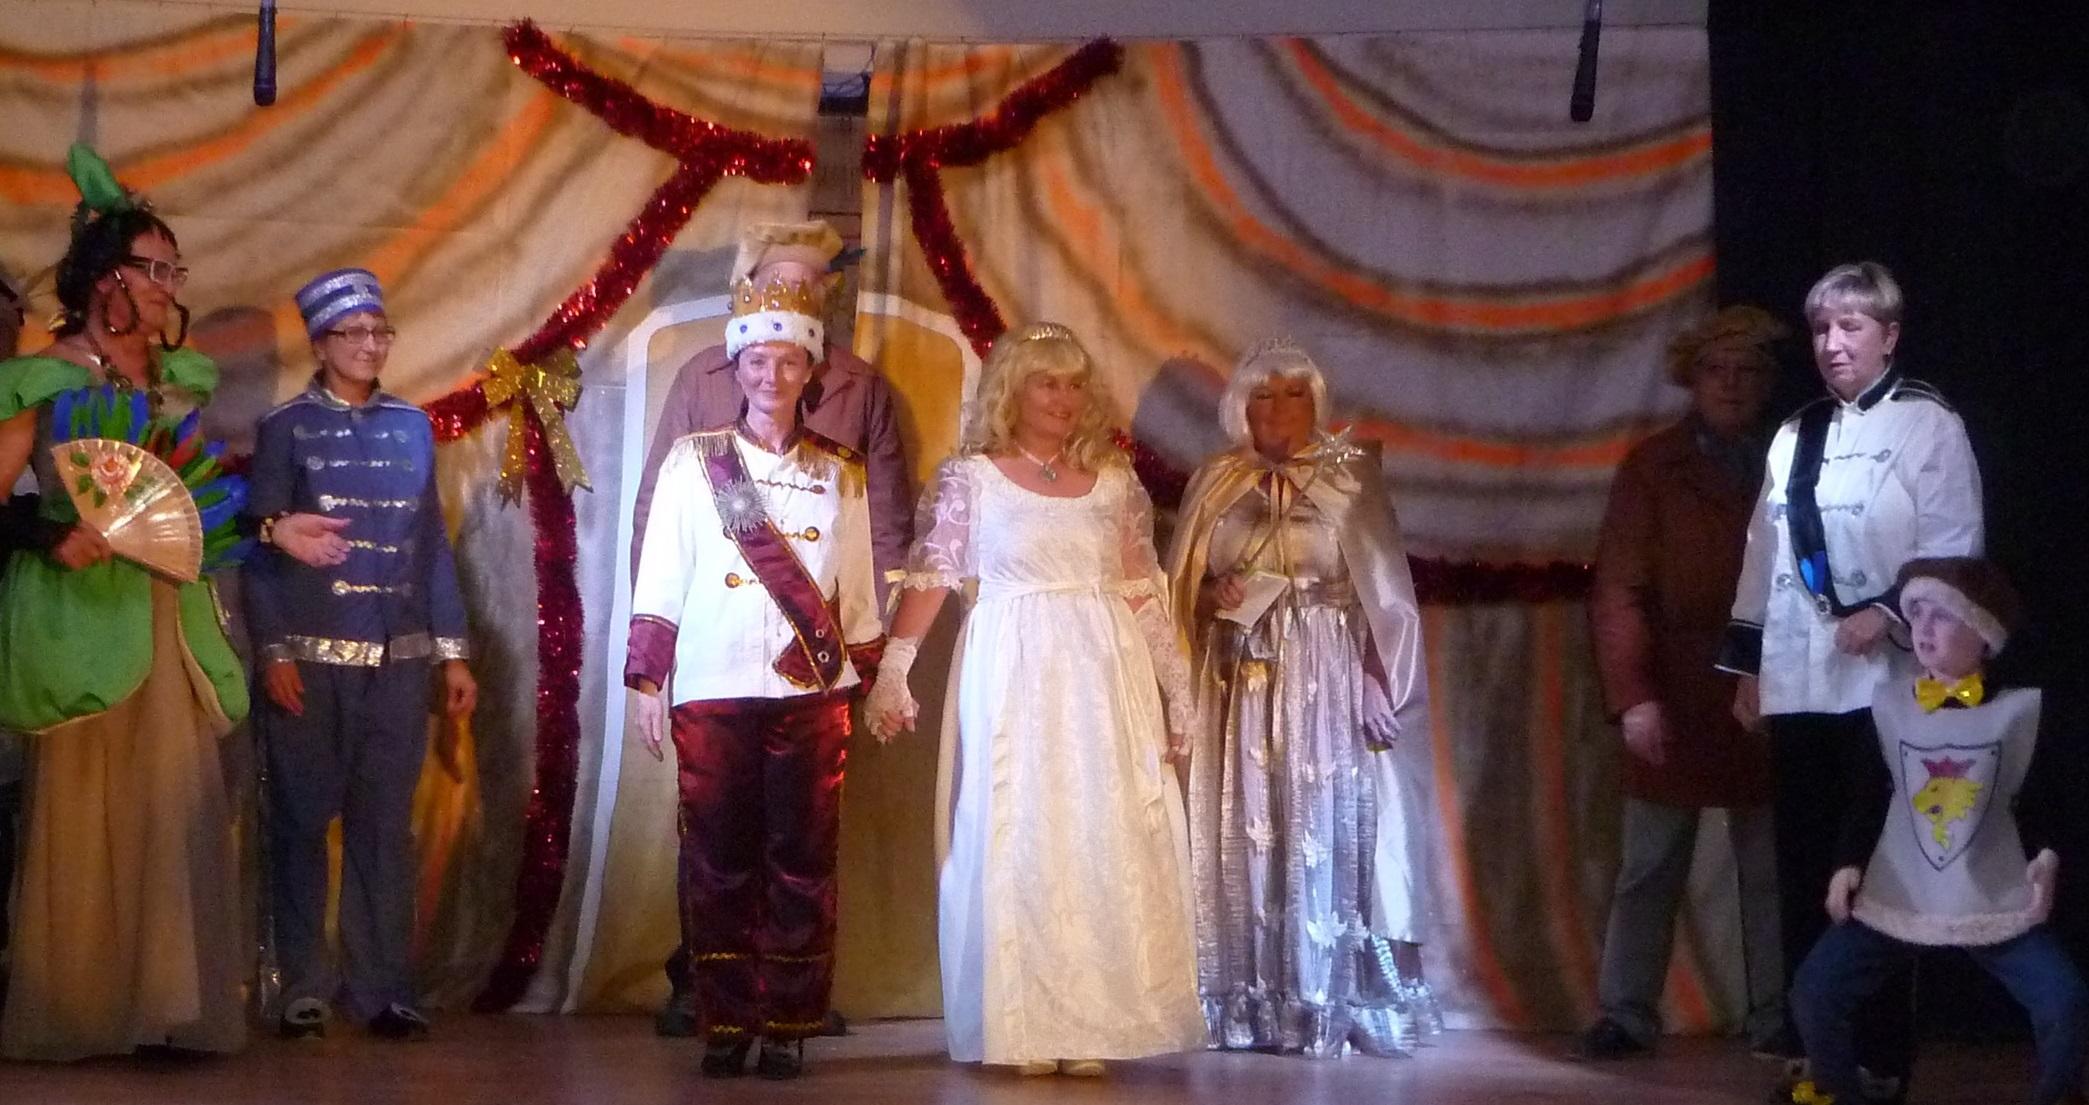 Cinderella Comes To Hond N De Los Frailes The Leader Newspaper # Muebles Hondon De Los Frailes